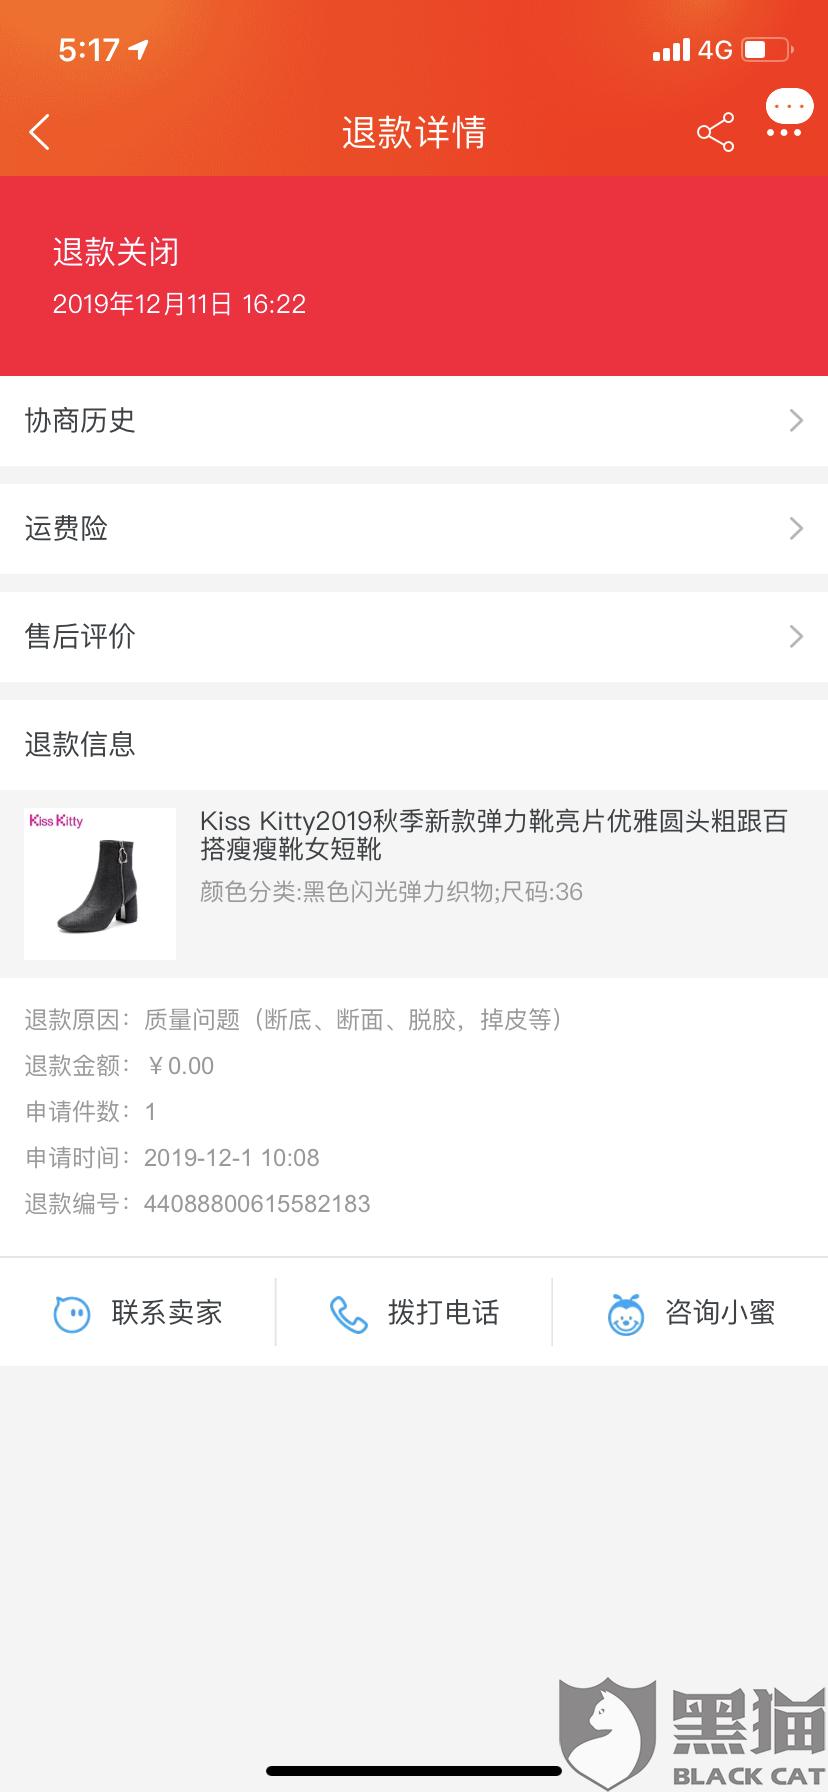 黑猫投诉:Kiss kitty 商家,鞋子出现问题,淘宝也不承认有质量问题